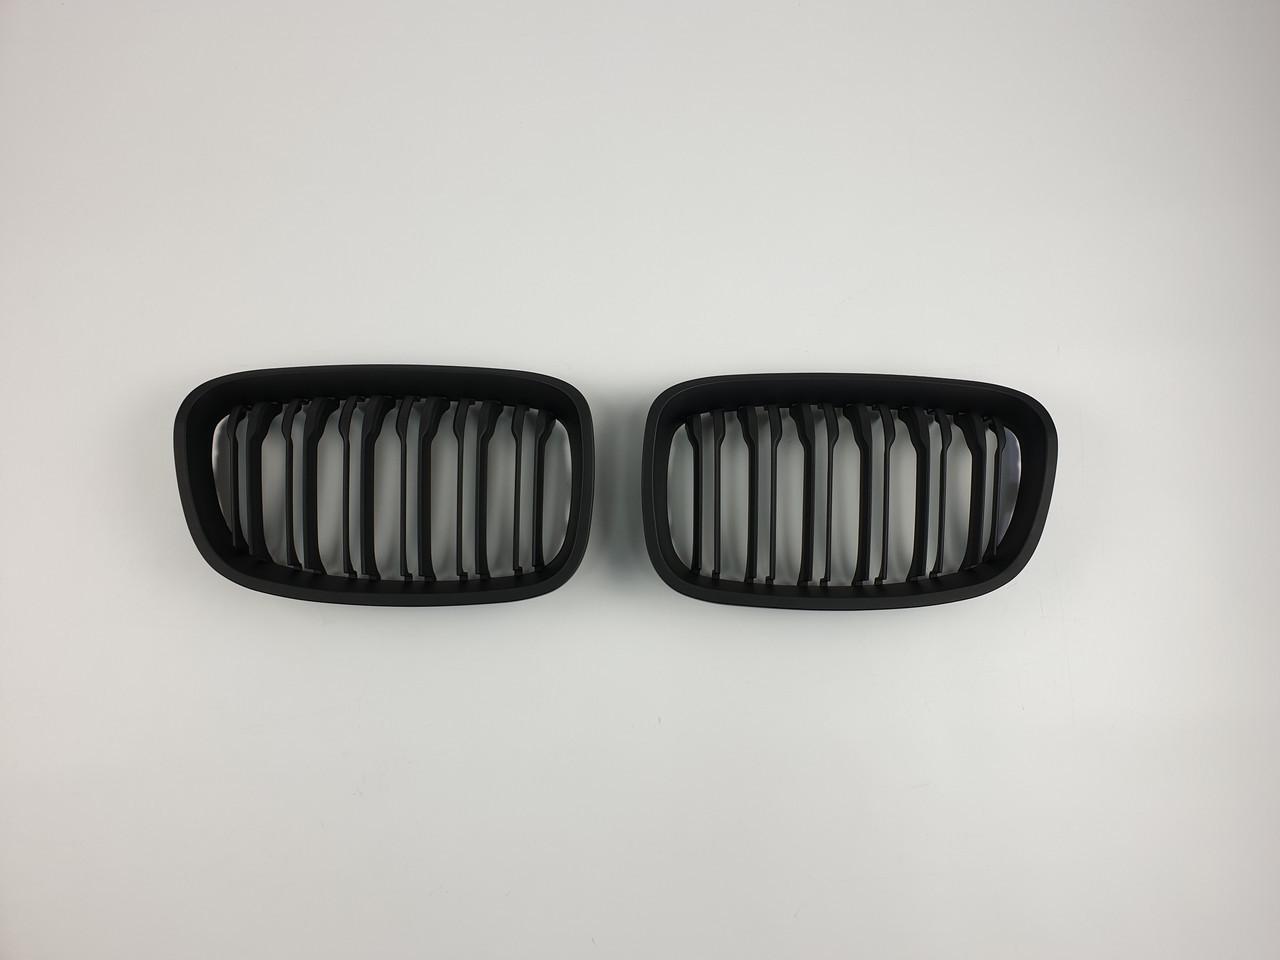 Решетка радиатора Тайвань BMW 1 Series стиль F20 2012-2014 год ноздри Черный мат (hub_oQLR13809)